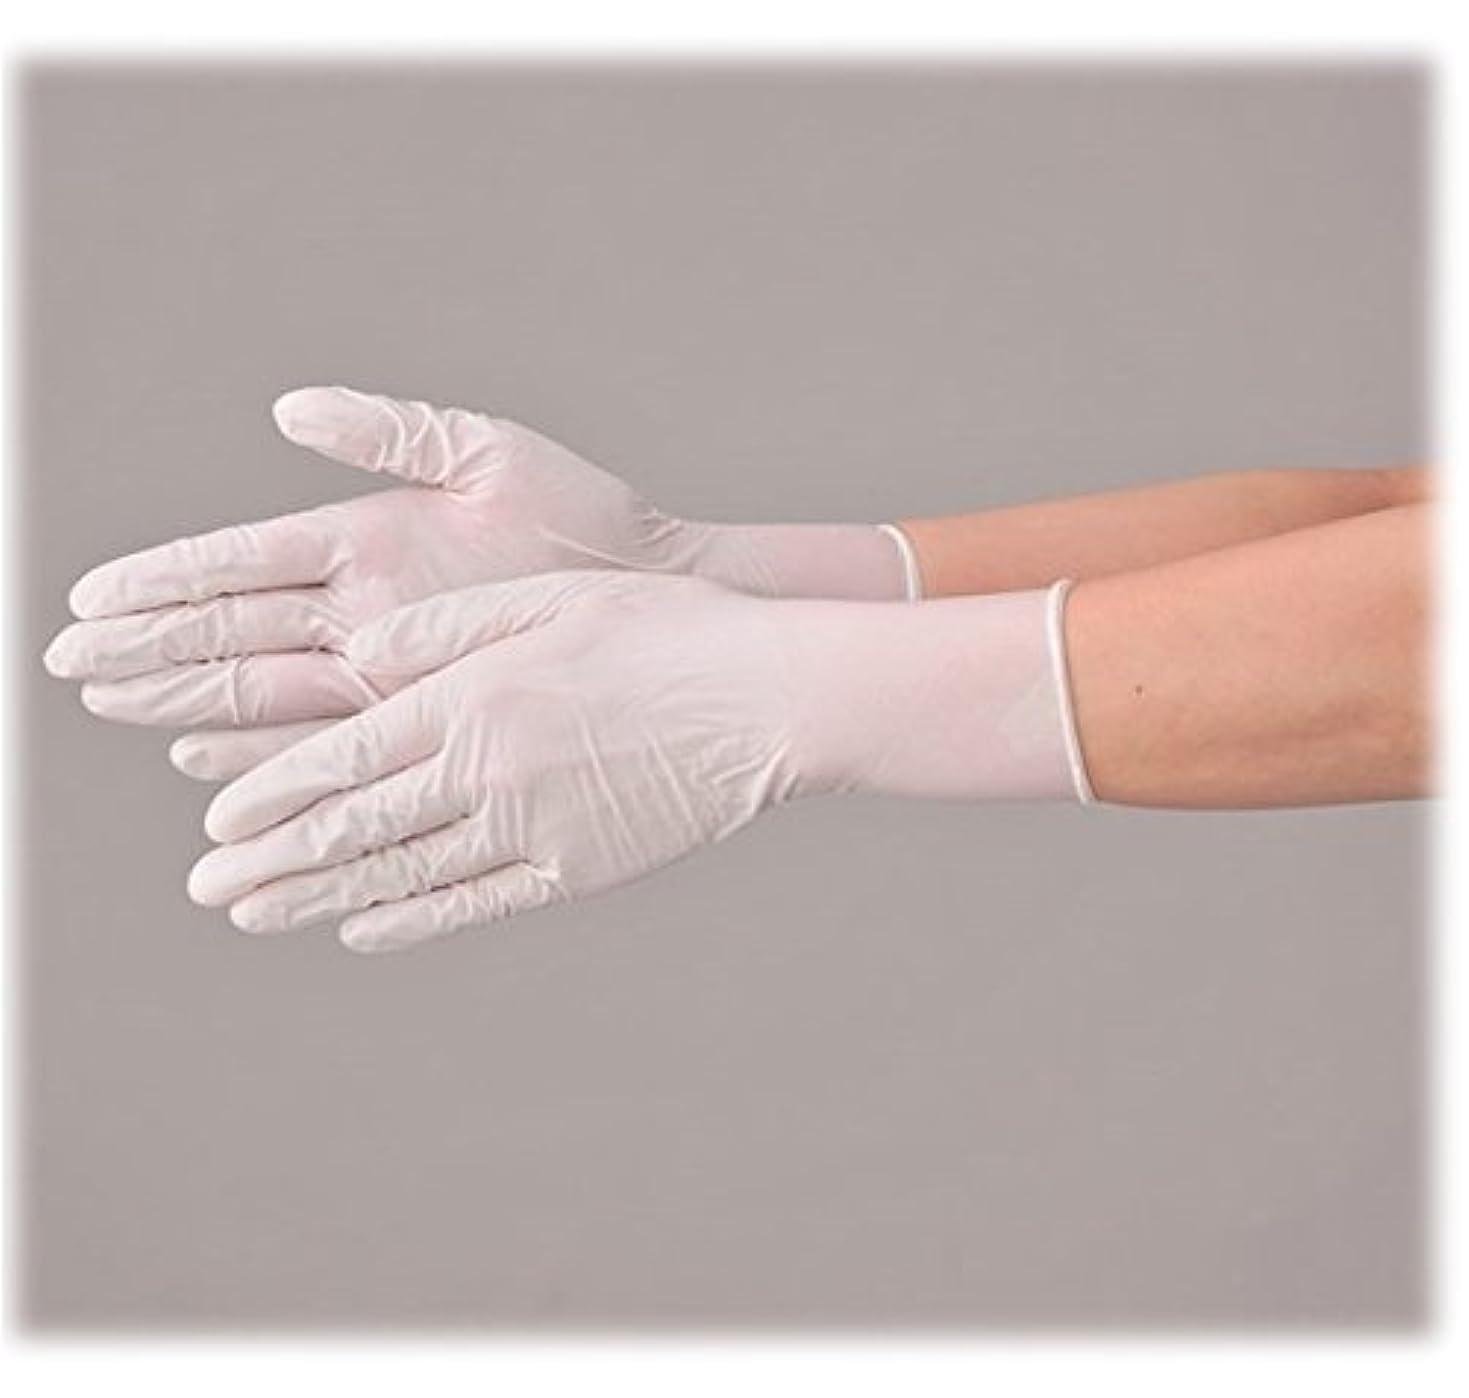 適合する全員災難使い捨て 手袋 エブノ 531 ニトリルNEO ホワイト Sサイズ パウダー付き 2ケース(100枚×60箱)